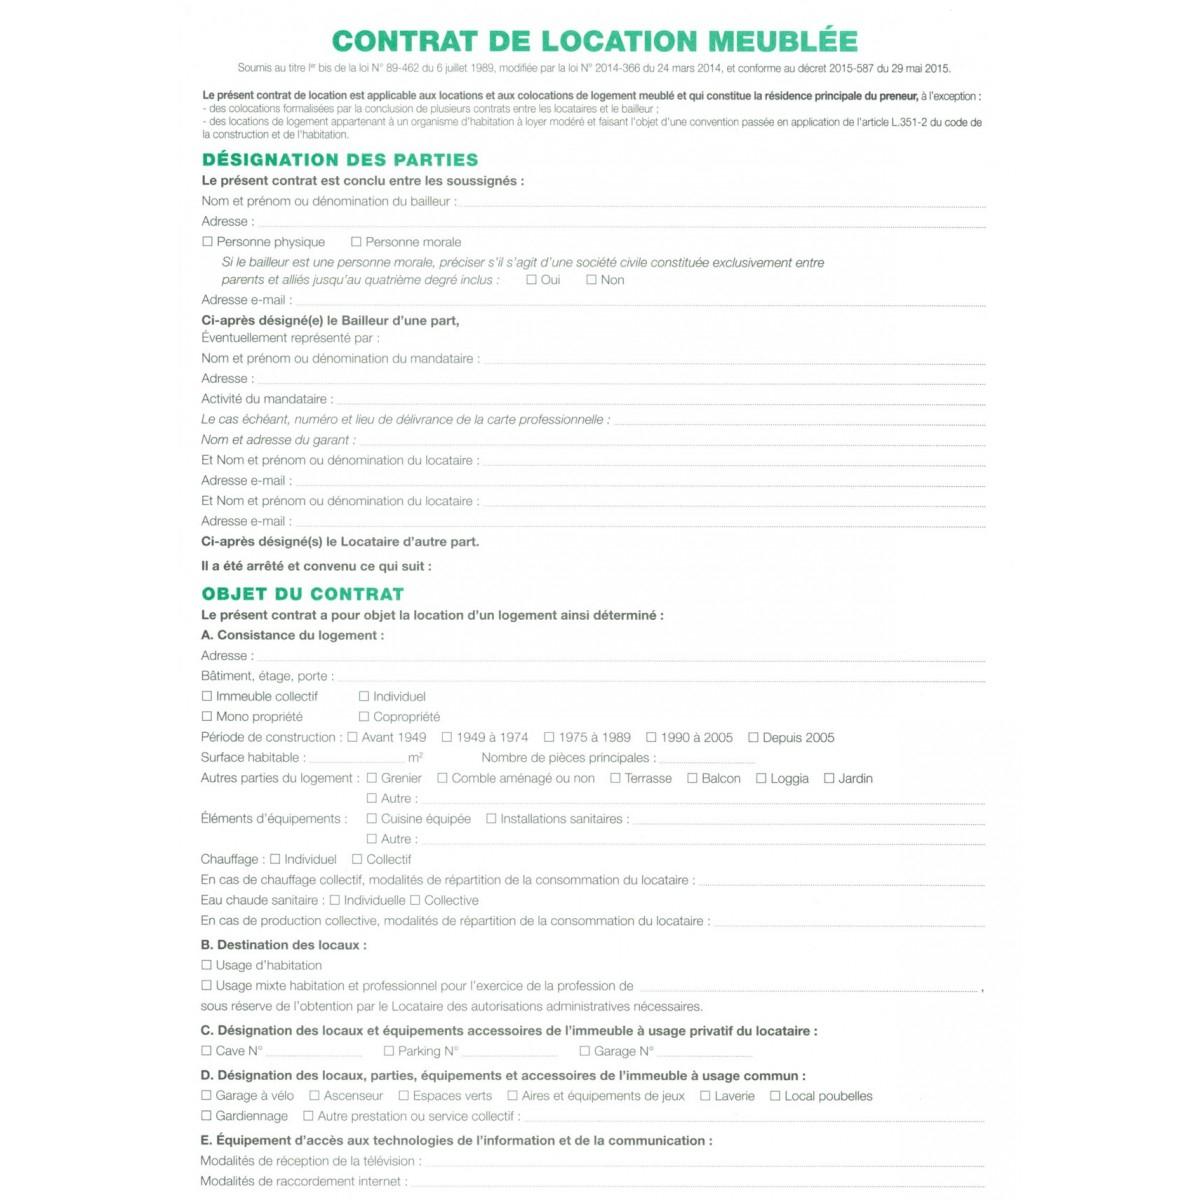 1X Contrat De Location Pour Locaux Meublés Exacompta encequiconcerne Contrat De Location Meublé Gratuit